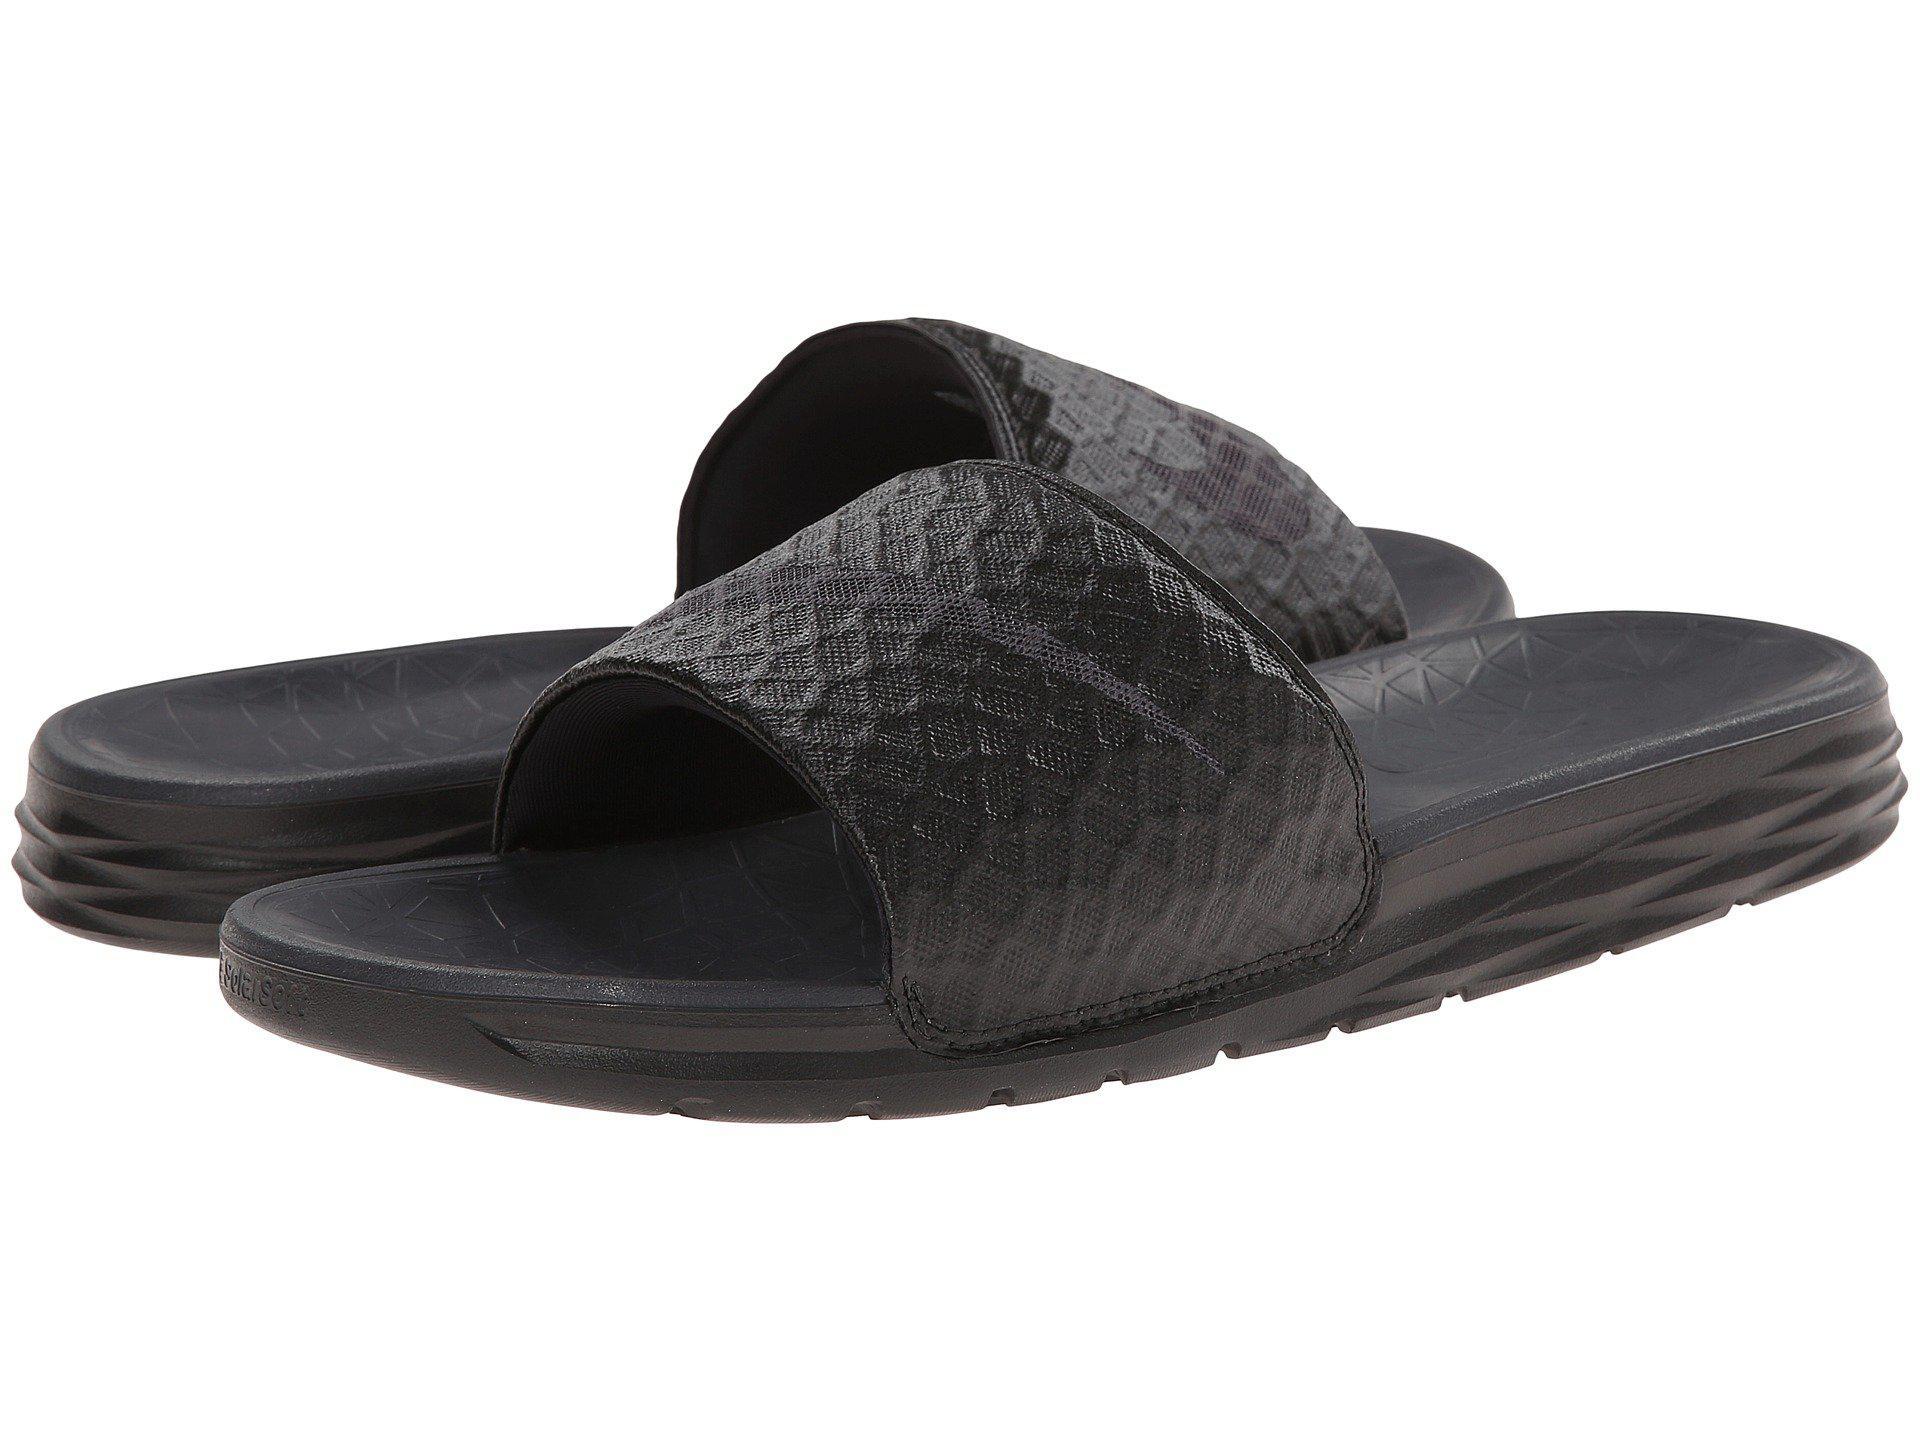 Nike. Women's Black Benassi Solarsoft Slide 2